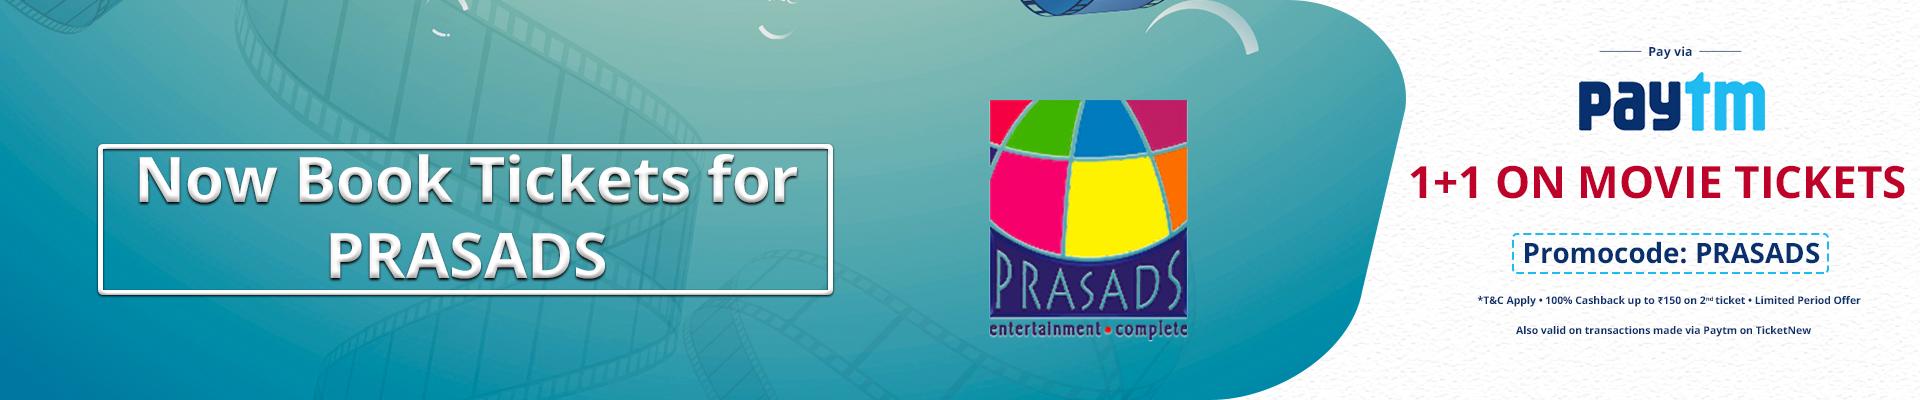 Hyderabad-Online movie ticket booking, theatre ticket